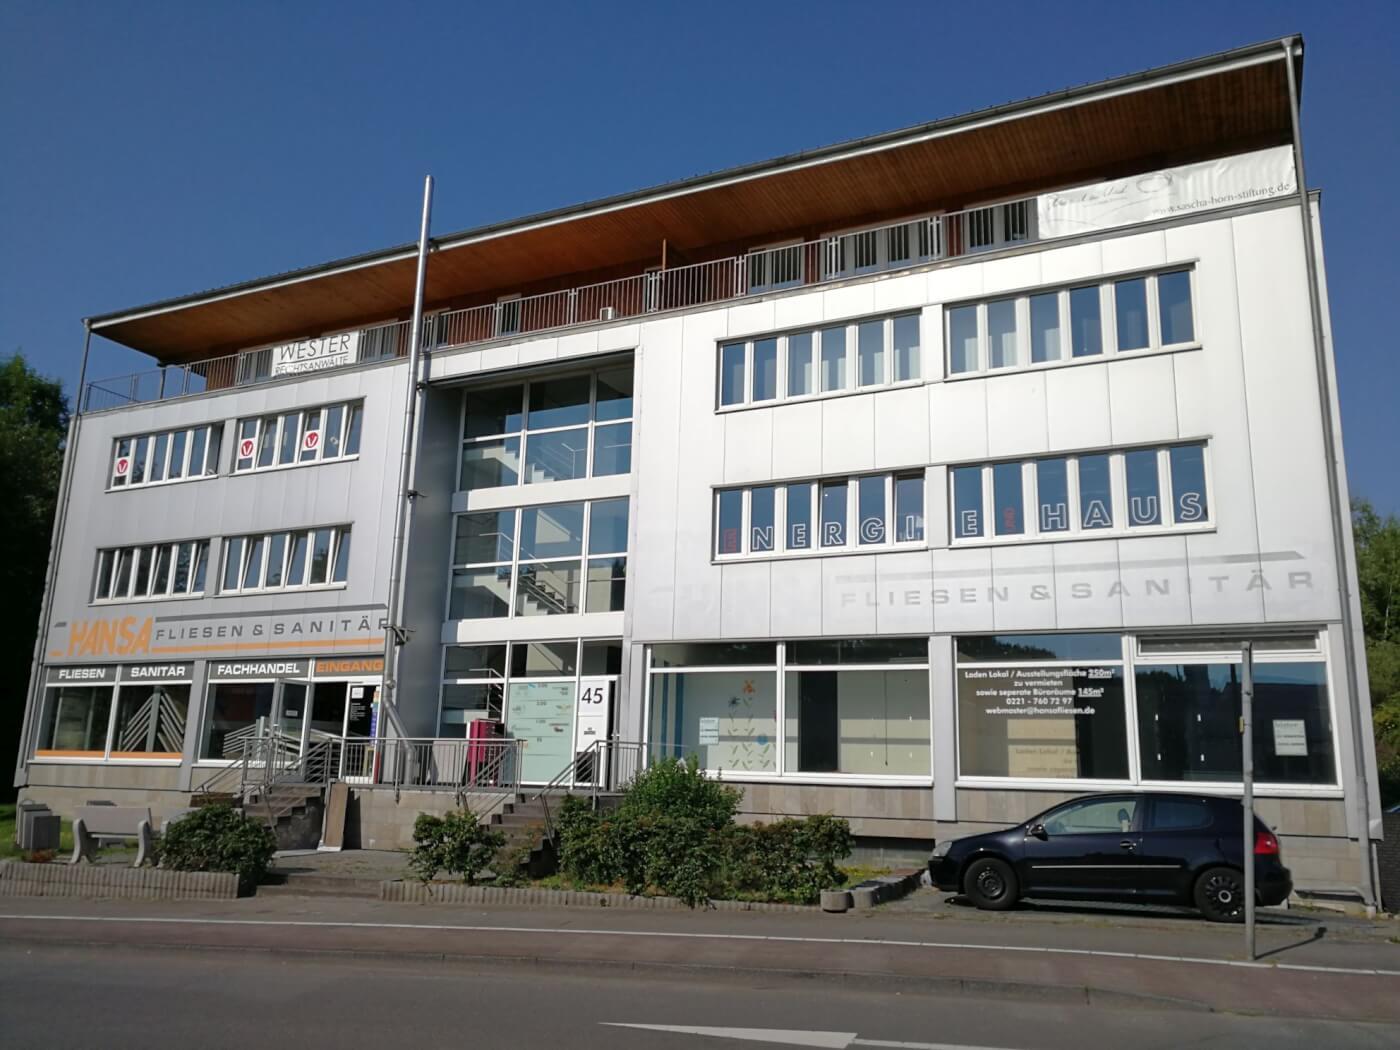 Rechtsanwalt Schwartmann: Standort